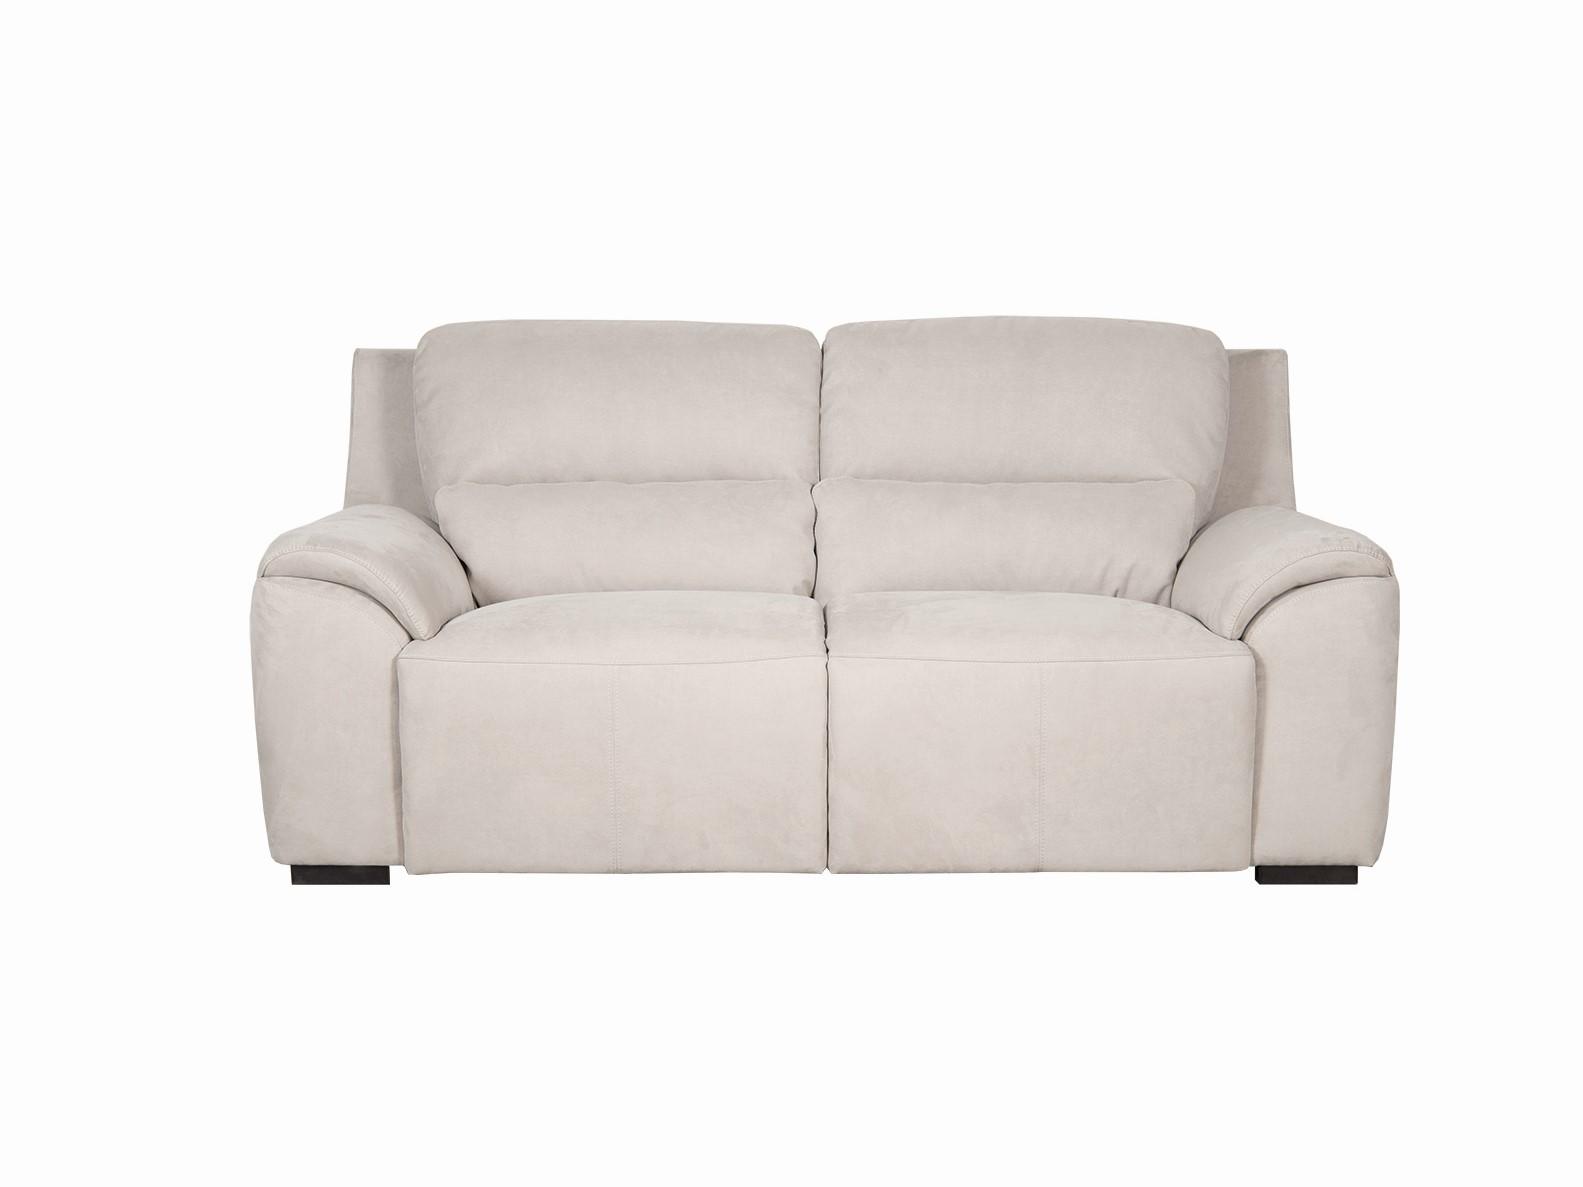 Canapea fixa 3 locuri Lucca